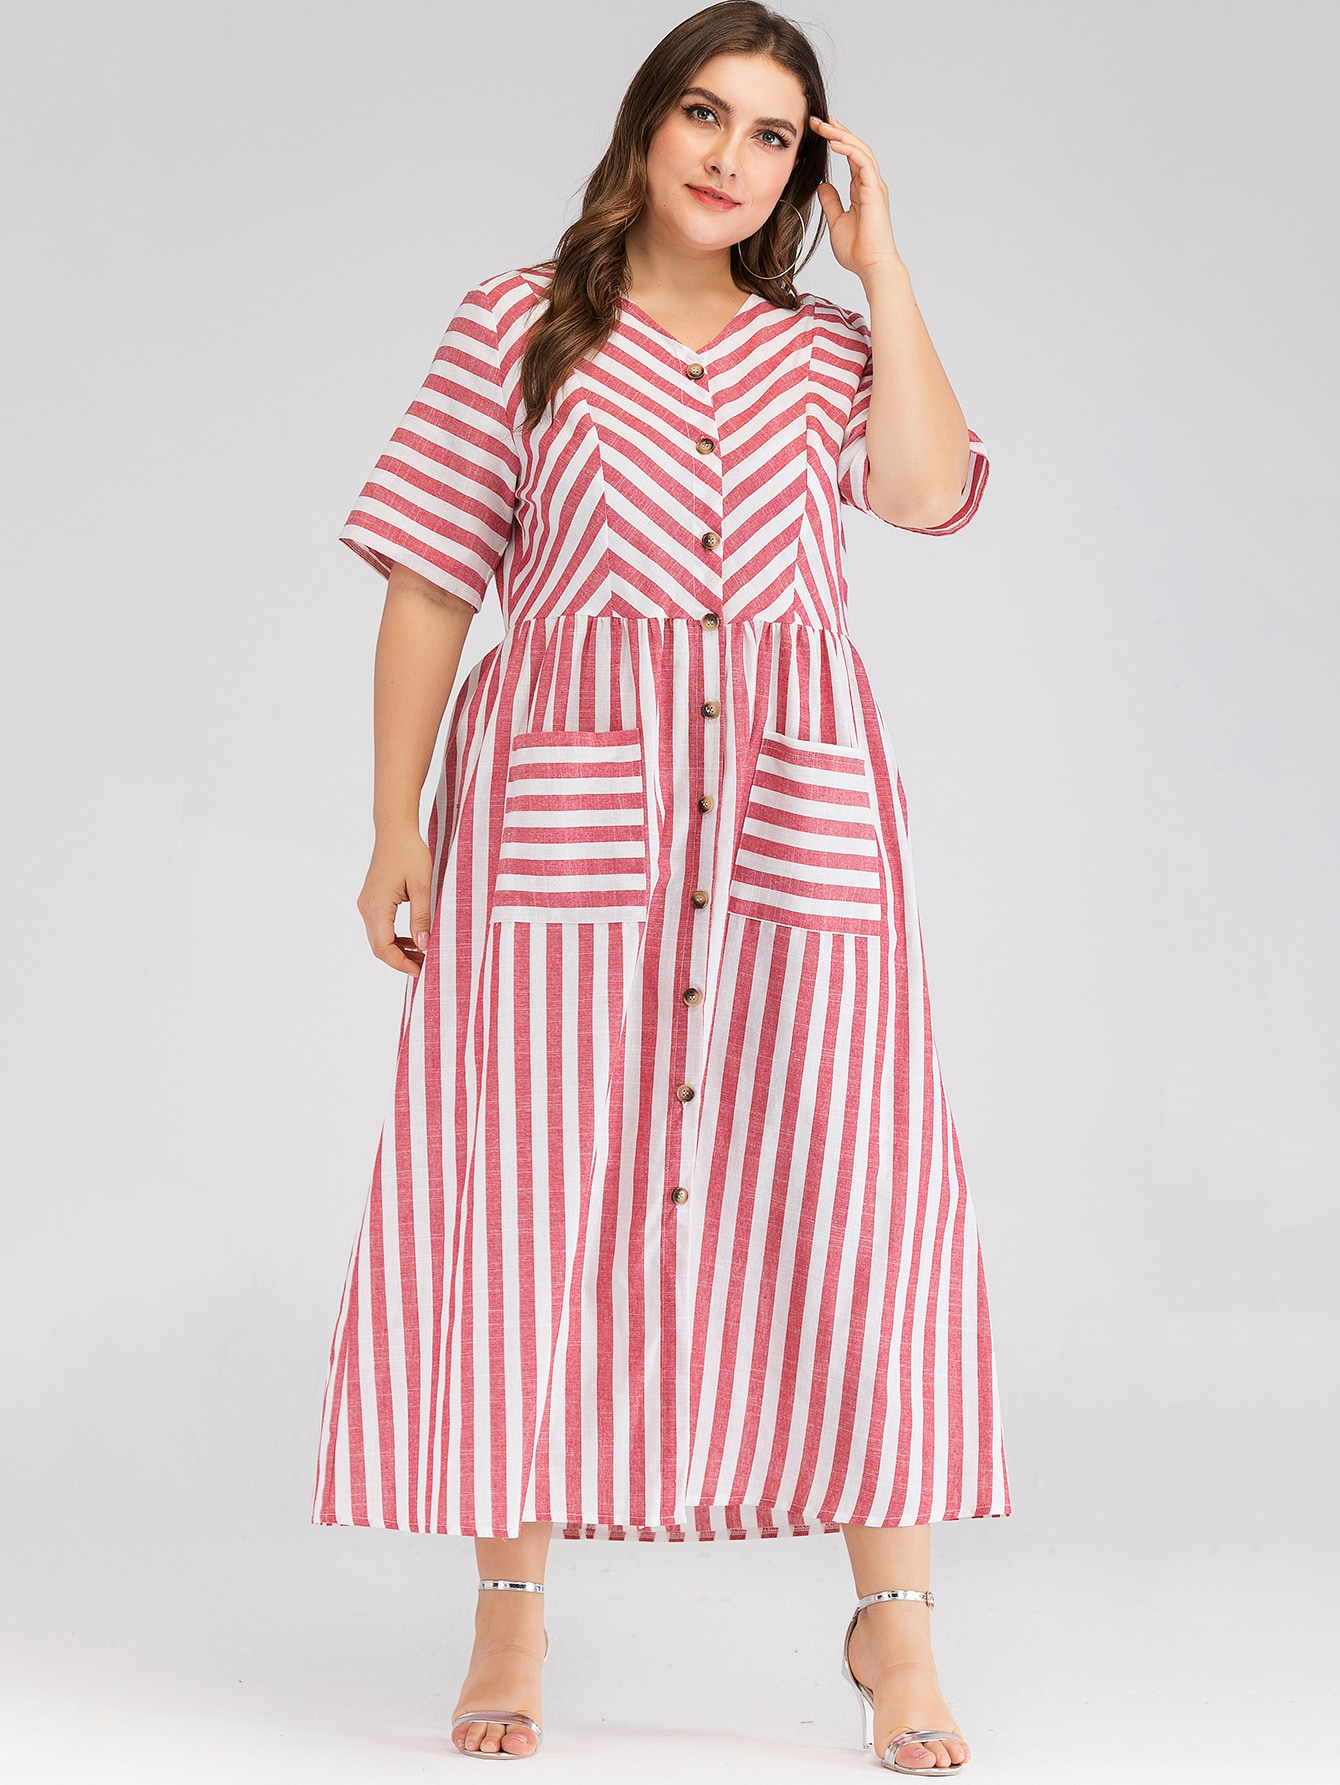 Фото - Платье-рубашка в полоску с карманом размера плюс от SheIn цвет многихцветные